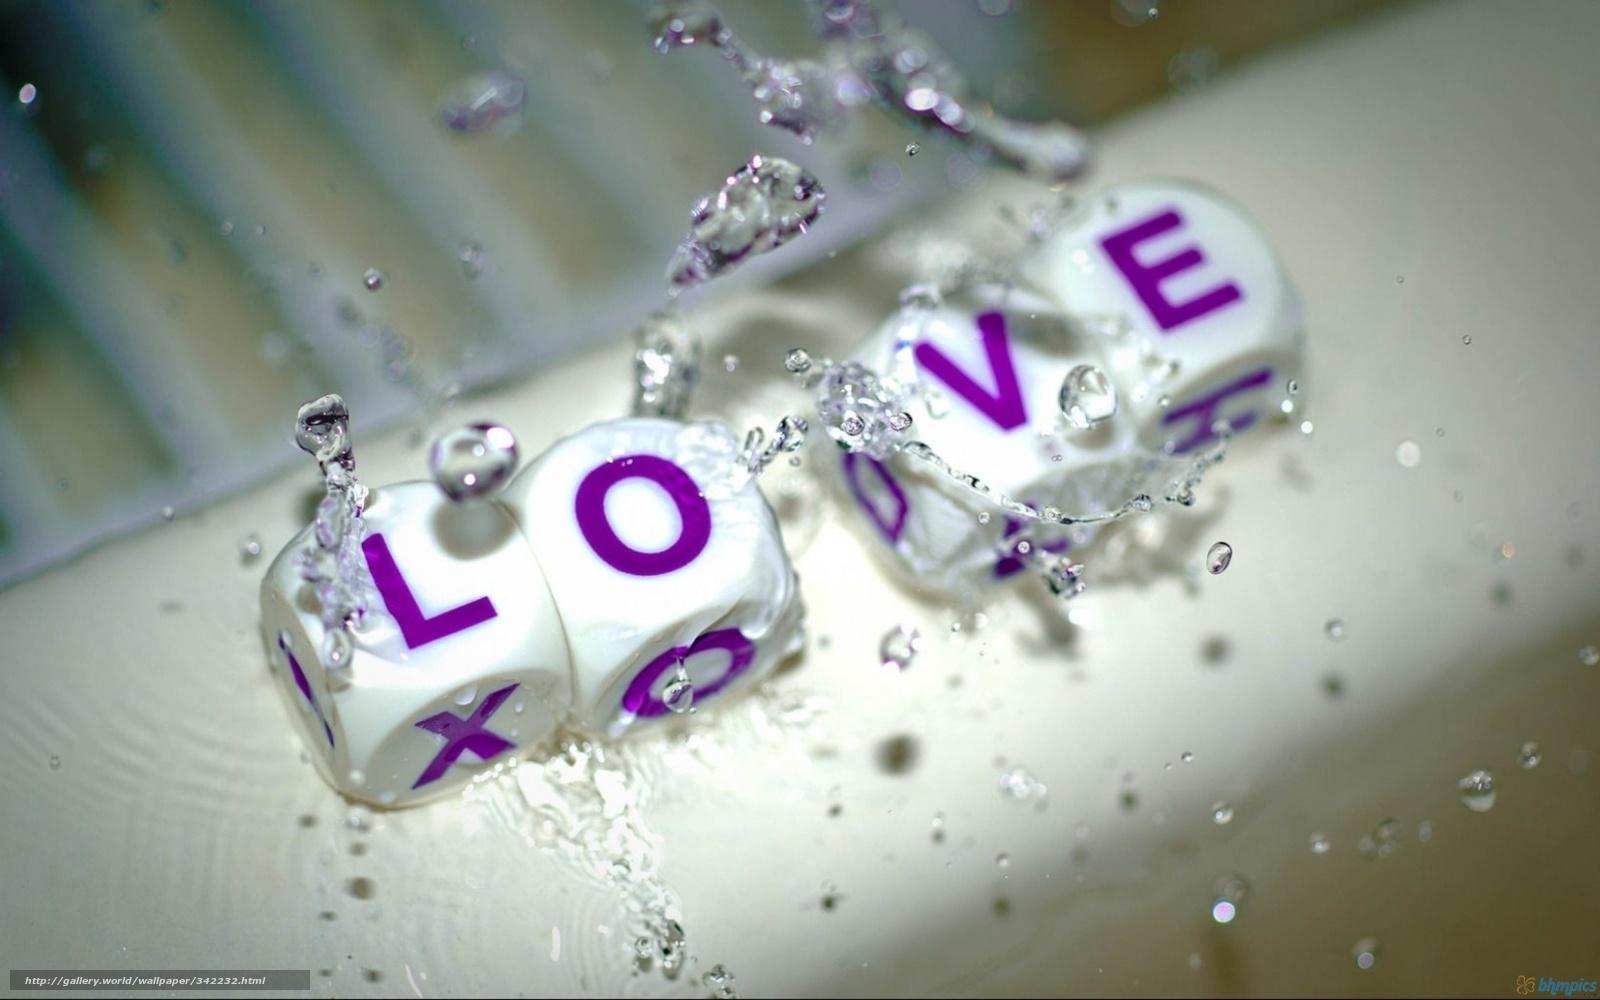 Best Love Wallpaper Dow : pobra tapety kostki, woda, Krople, ki Darmowe tapety na pulpit rozdzielczoci 2560x1600 zdjcie ...